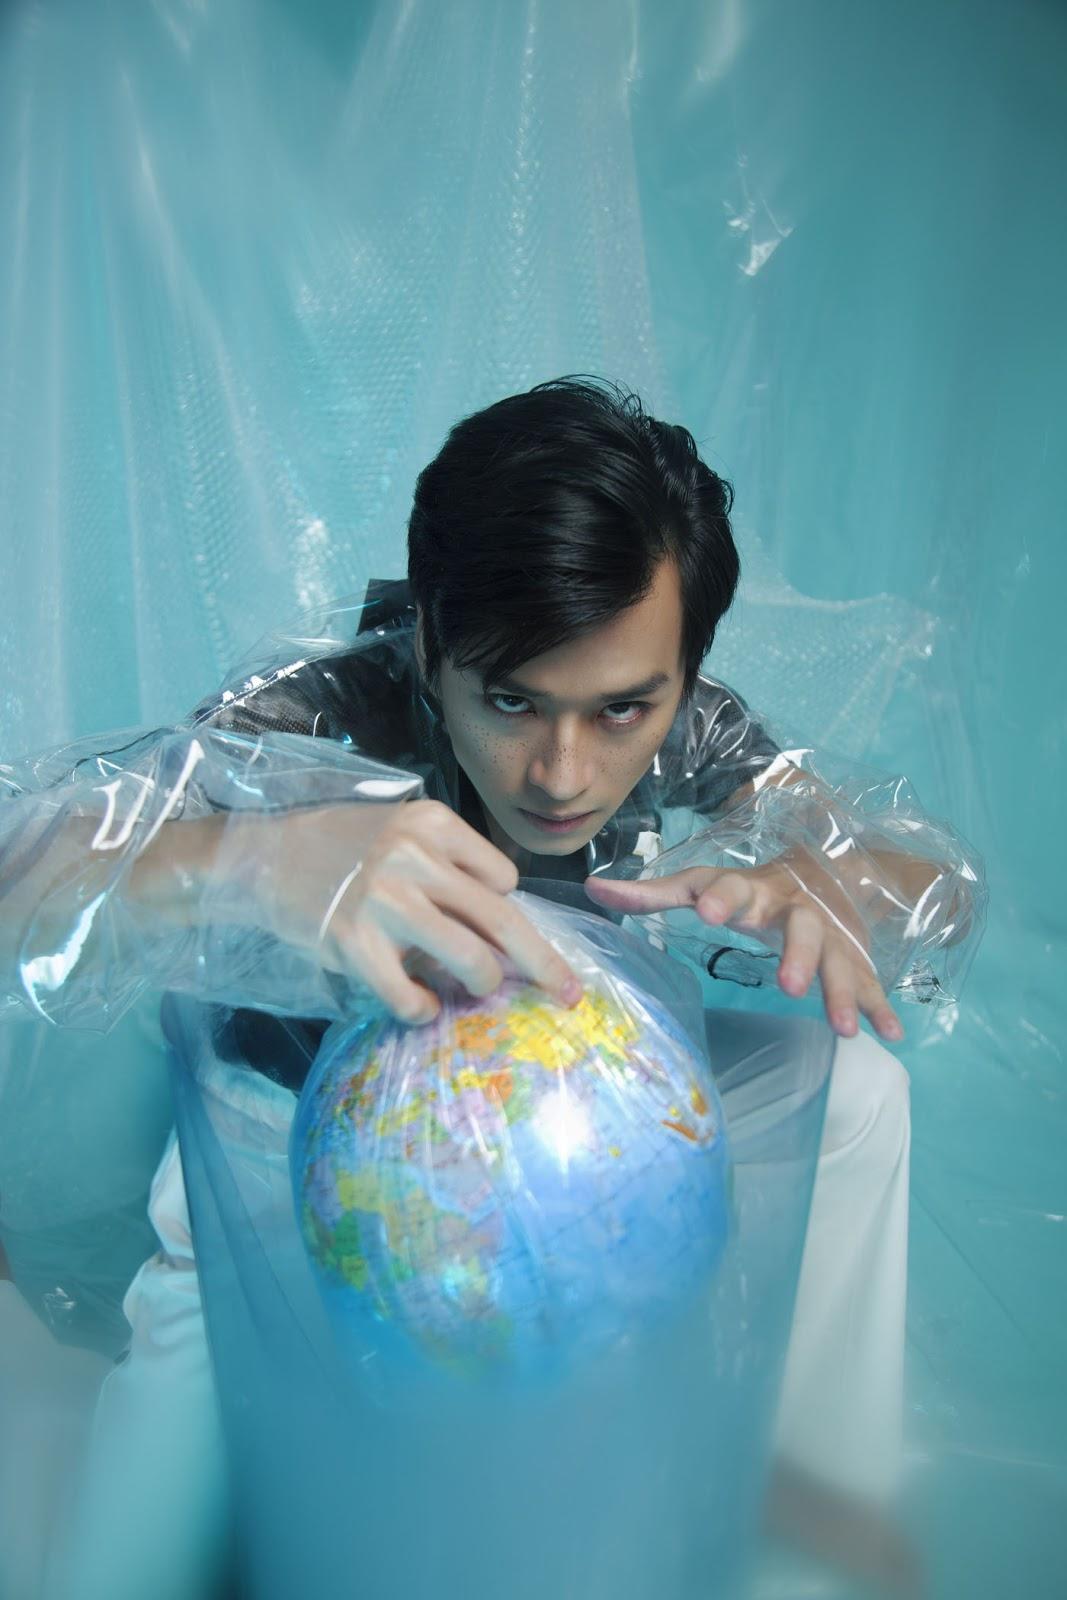 Bộ ảnh mang ẩn ý sâu xa về ô nhiễm môi trường của Trần Nghĩa khiến mọi người phải suy ngẫm - Hình 3